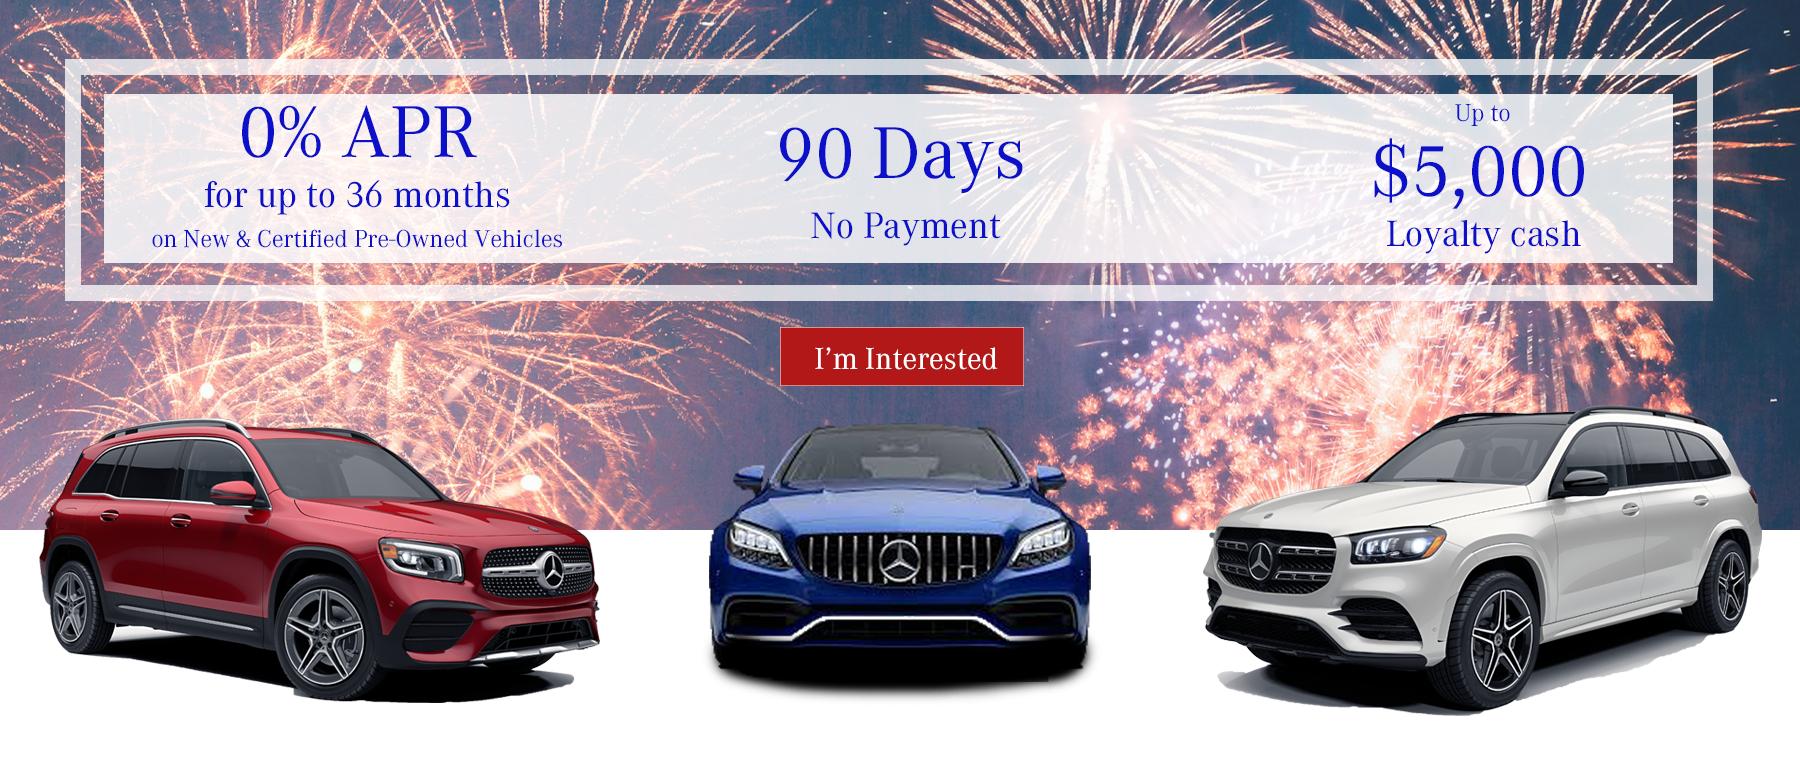 July Mercedes-Benz Specials - 0% APR